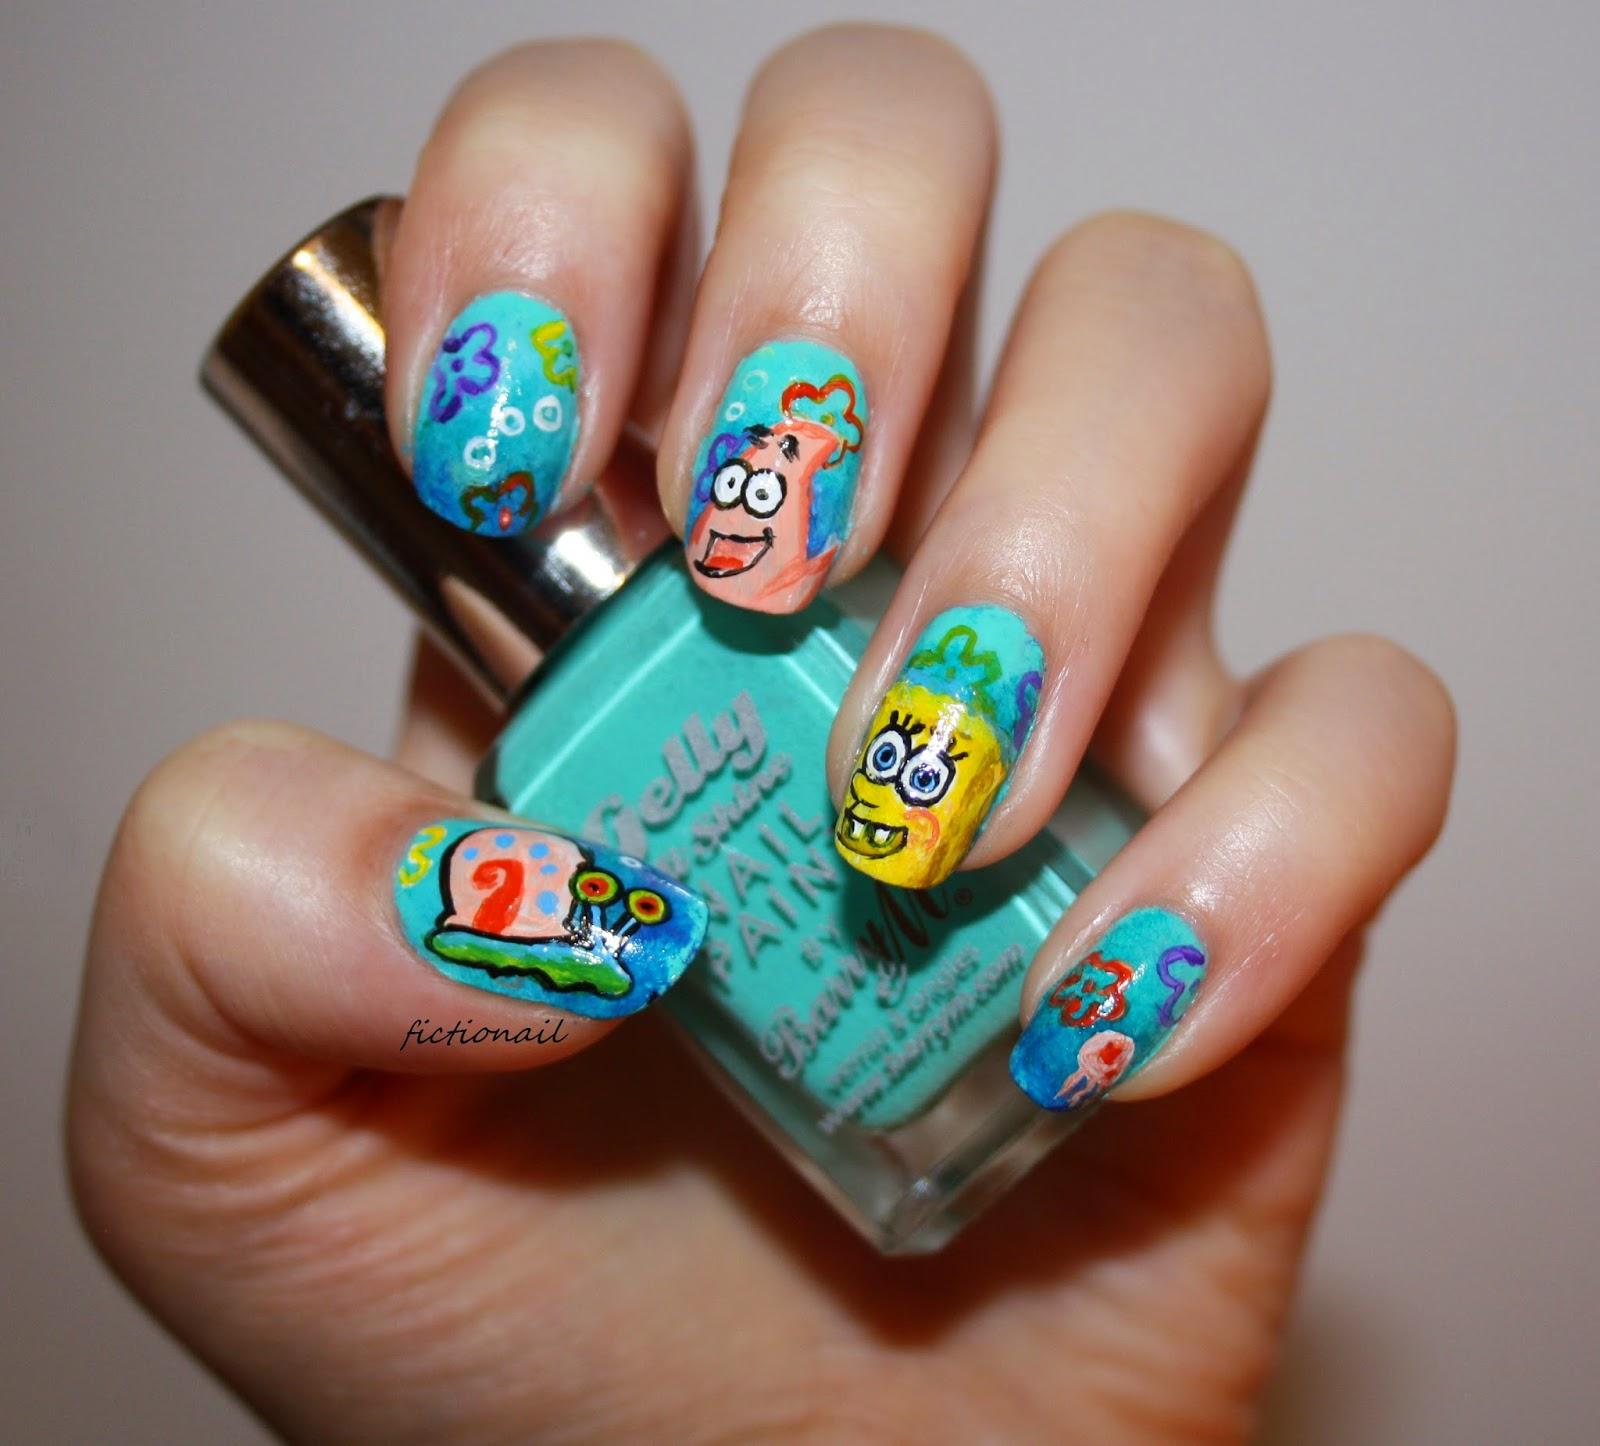 Q Riouser Q Riouser Nail Art: Spongebob Nails